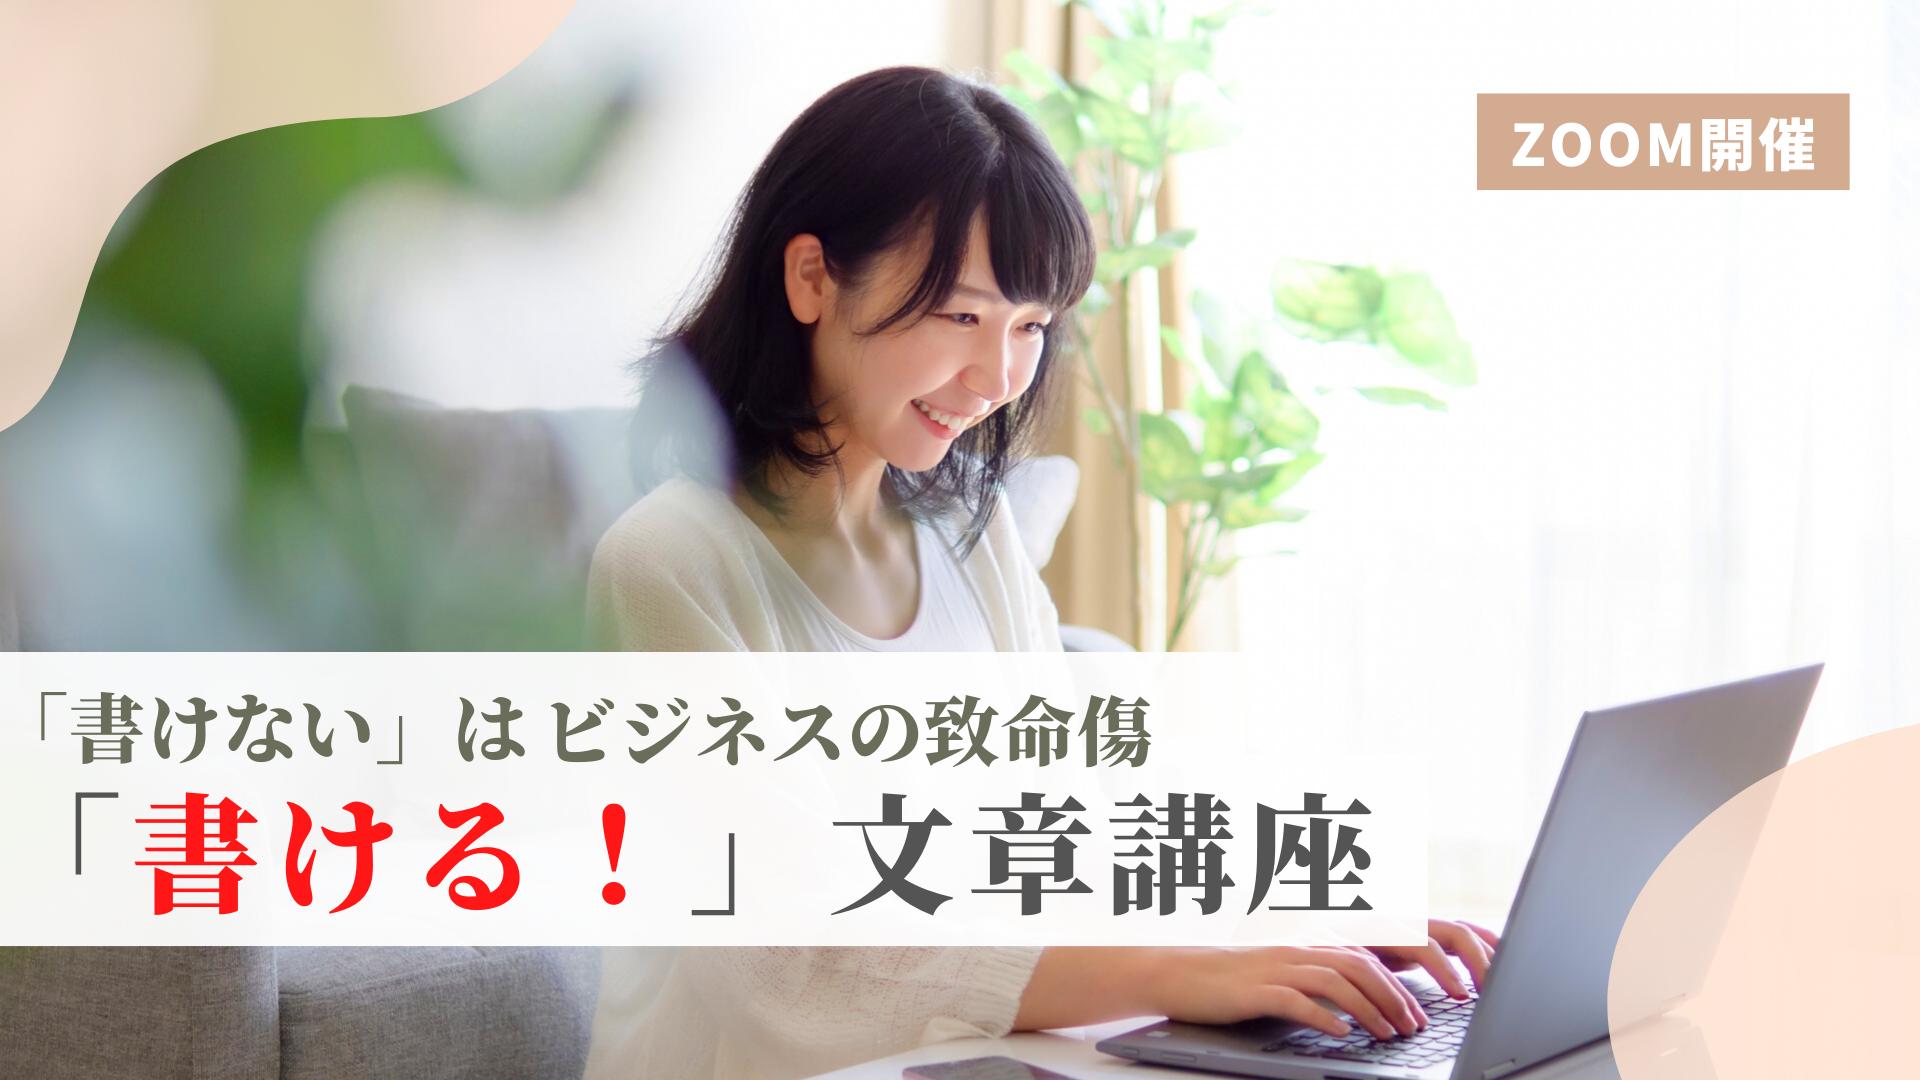 2/18 【オンライン】※限定6名様「書けない」はビジネスの致命傷。「書ける!」文章講座